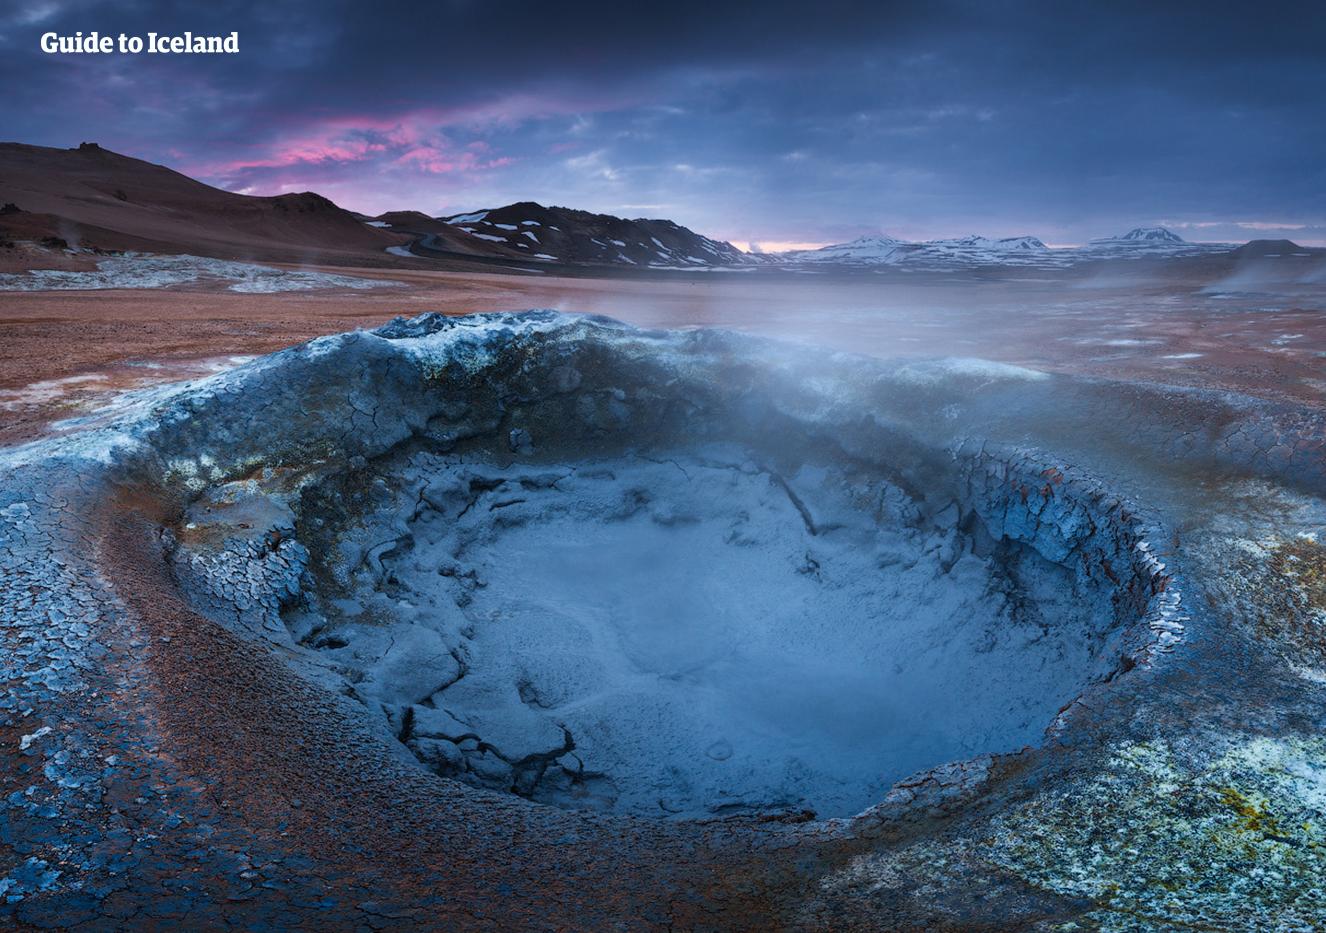 冰岛北部米湖地区的神奇地热景观